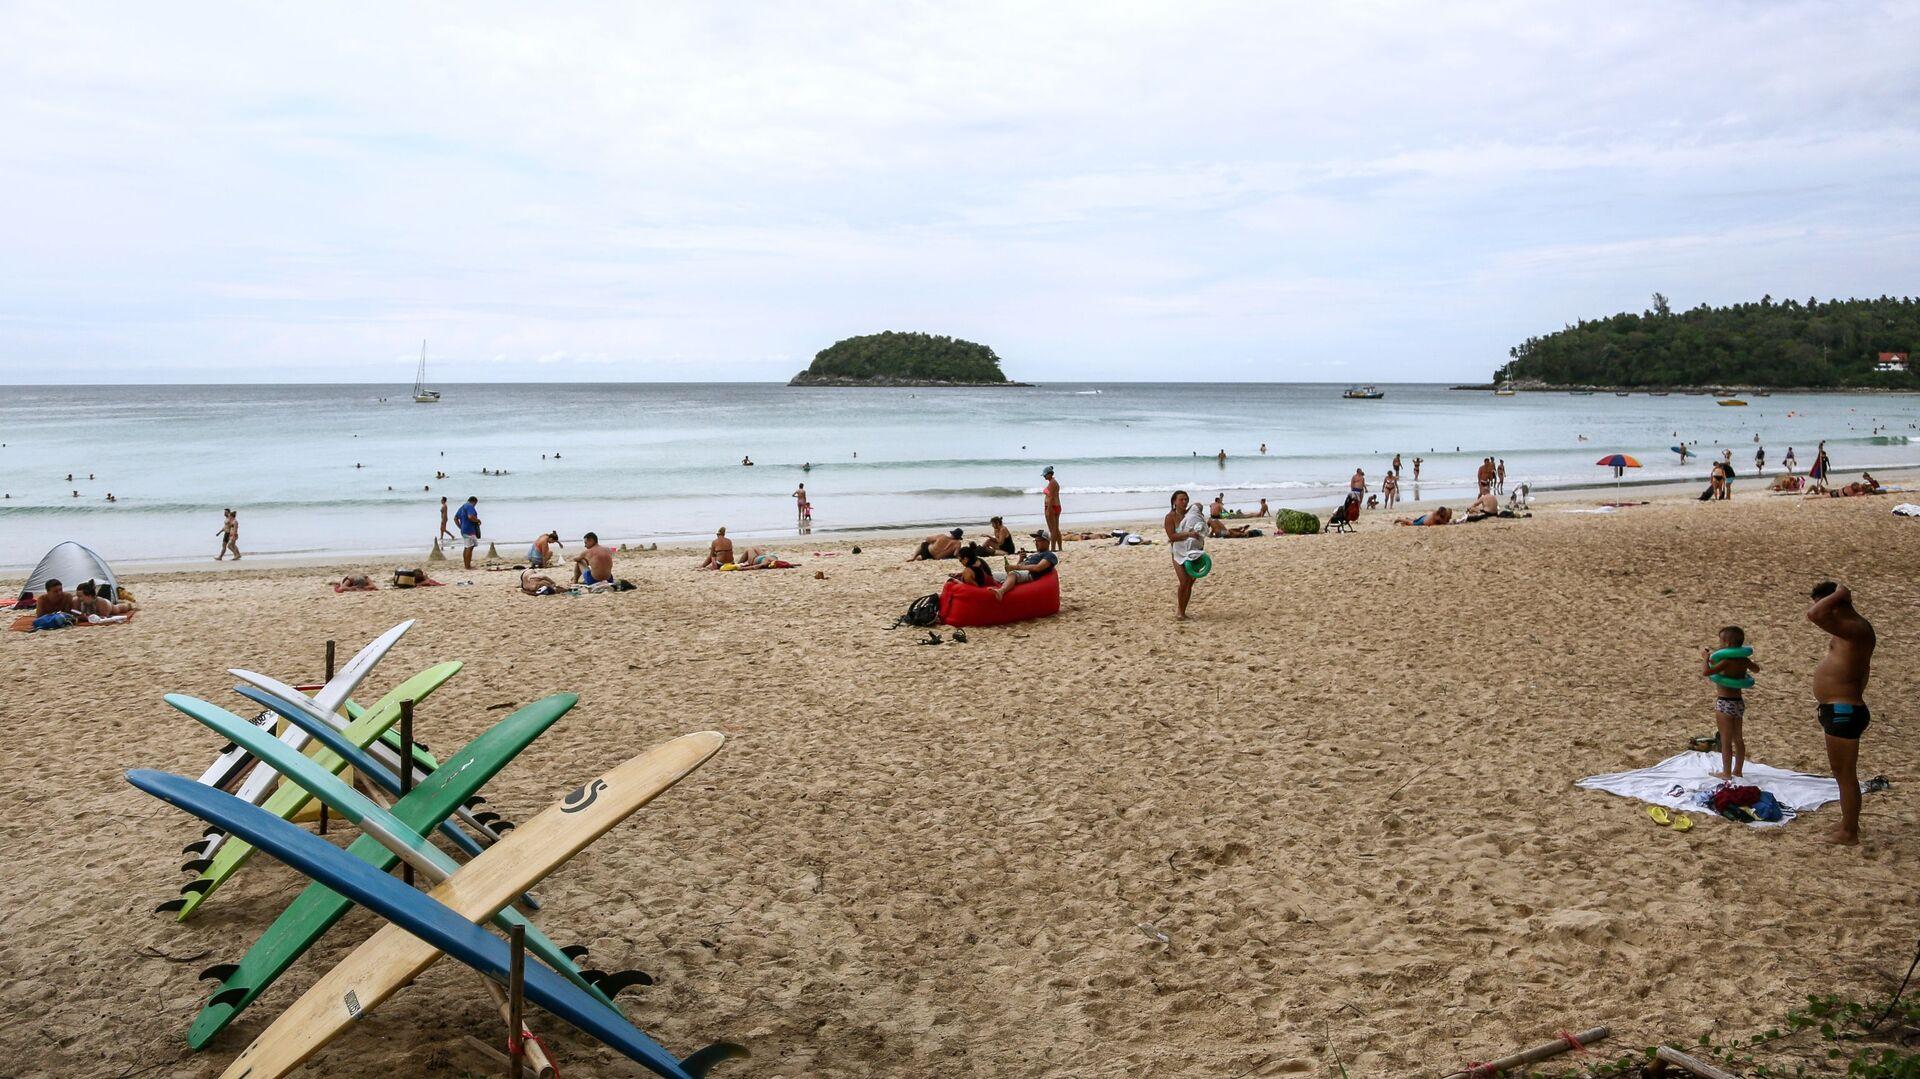 Отдыхающие на пляже Ката на острове Пхукет - РИА Новости, 1920, 27.01.2021